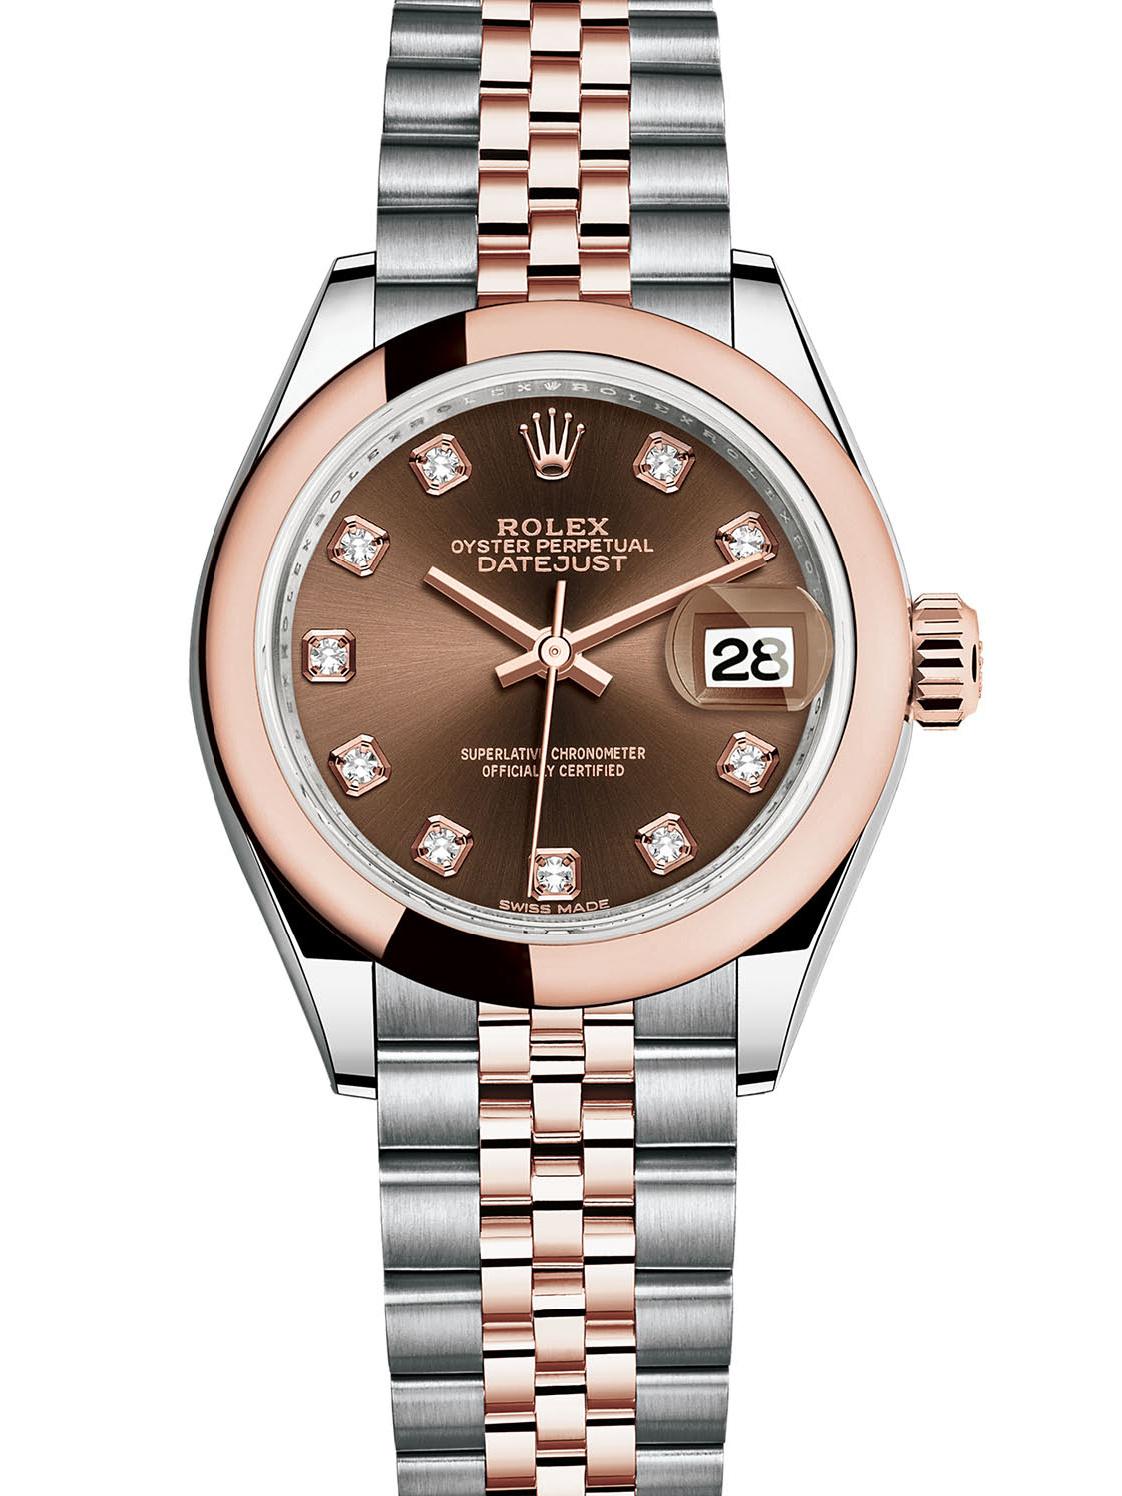 劳力士女装日志型28玫瑰金钢棕面钻标女表279161-0011